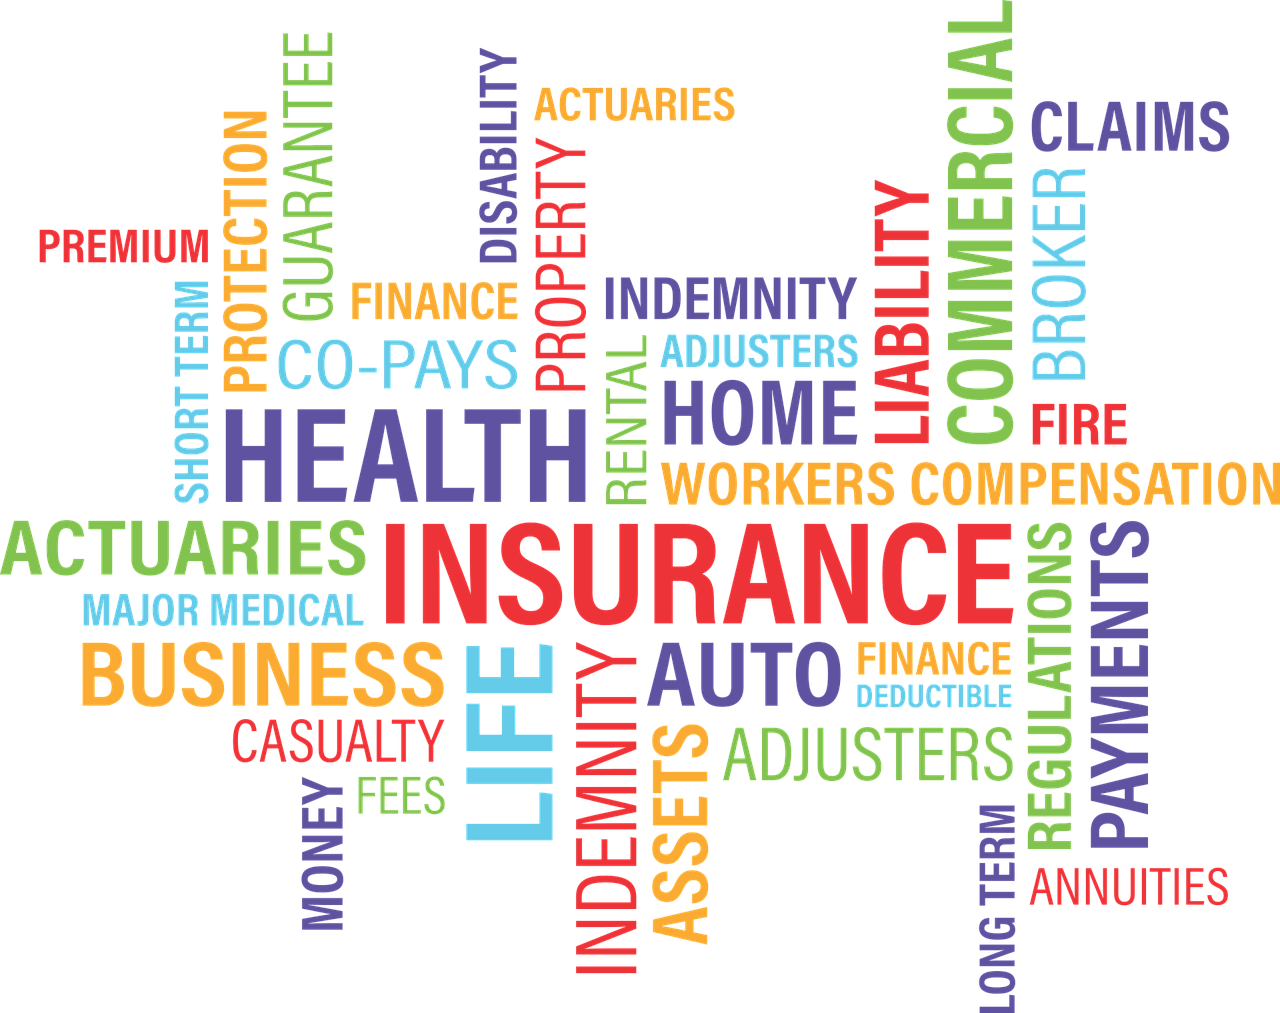 間違いだらけの生命保険の選び方!知らないでは済まされない3原則